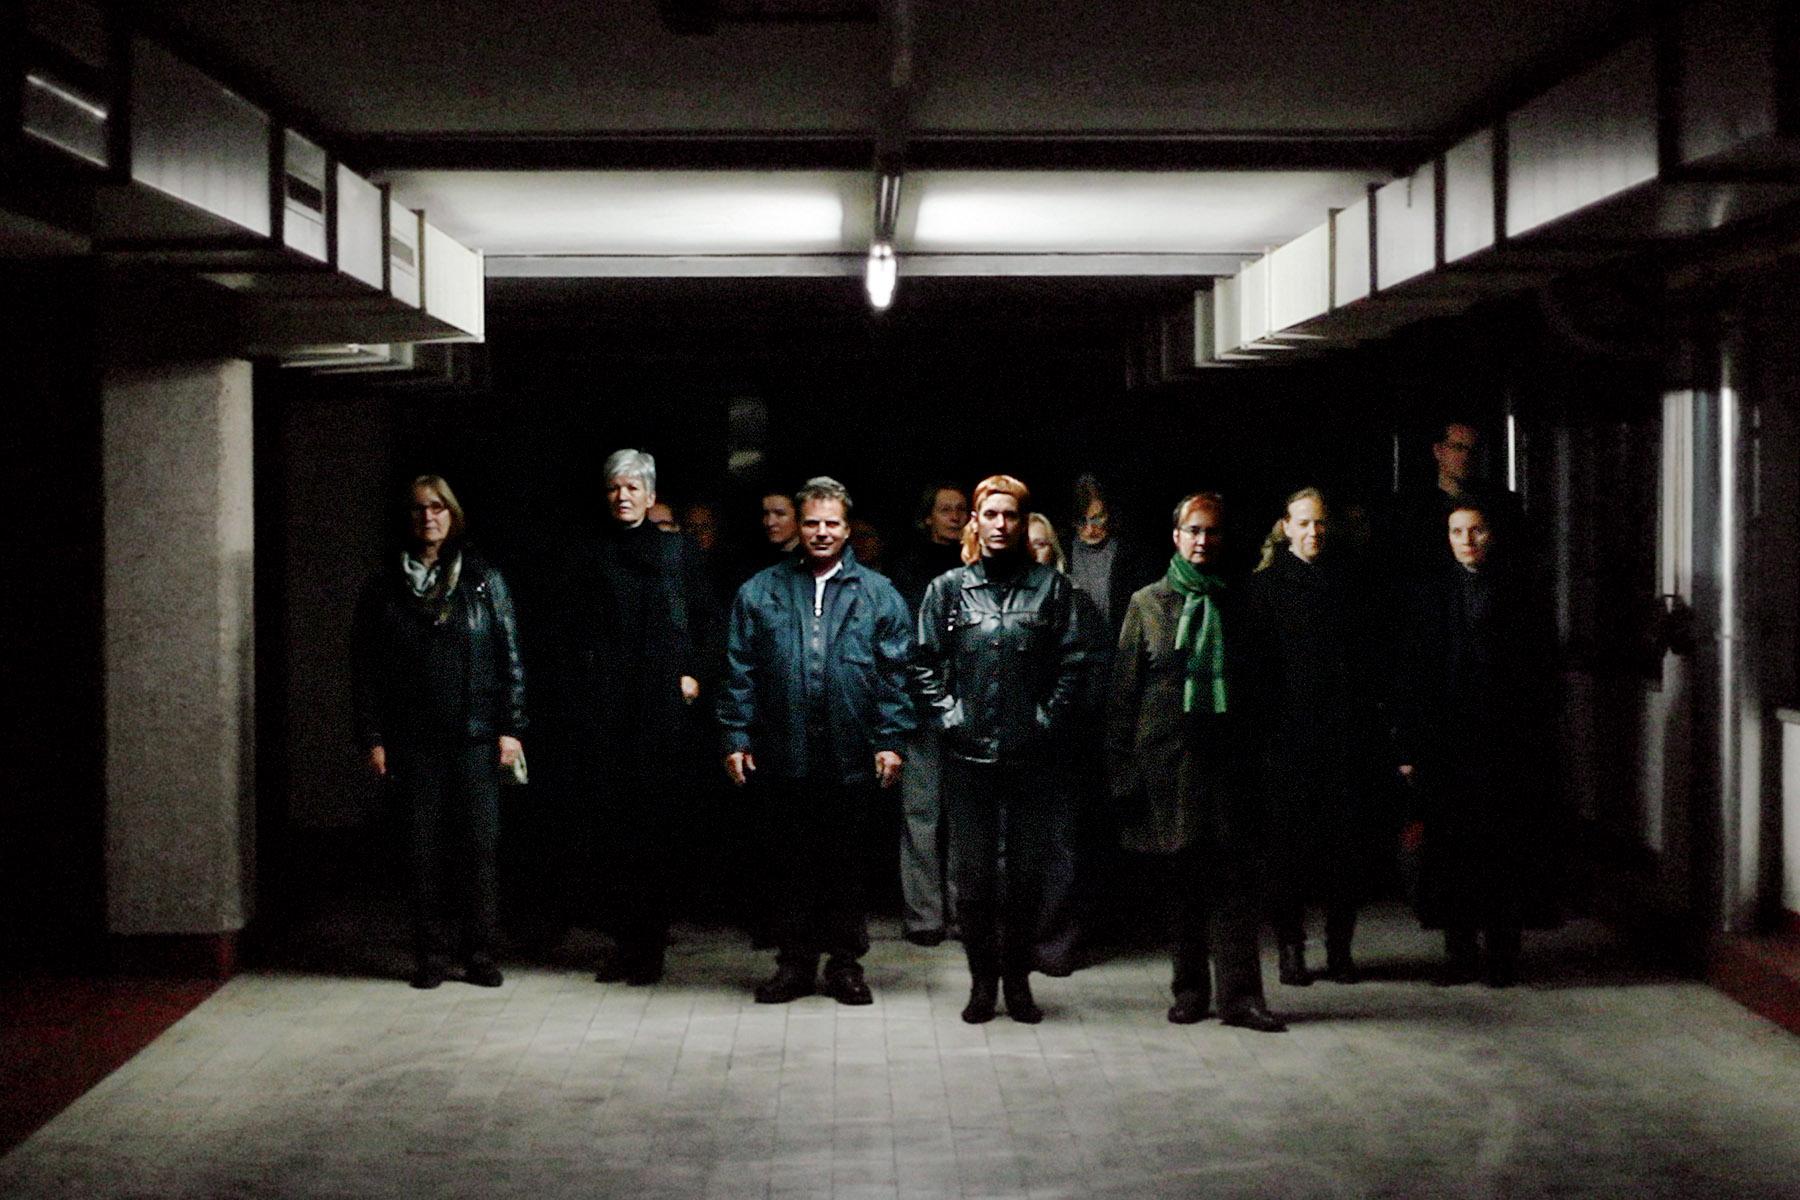 Die ArbeiterInnen verlassen die Fabrik | workers leaving the fac